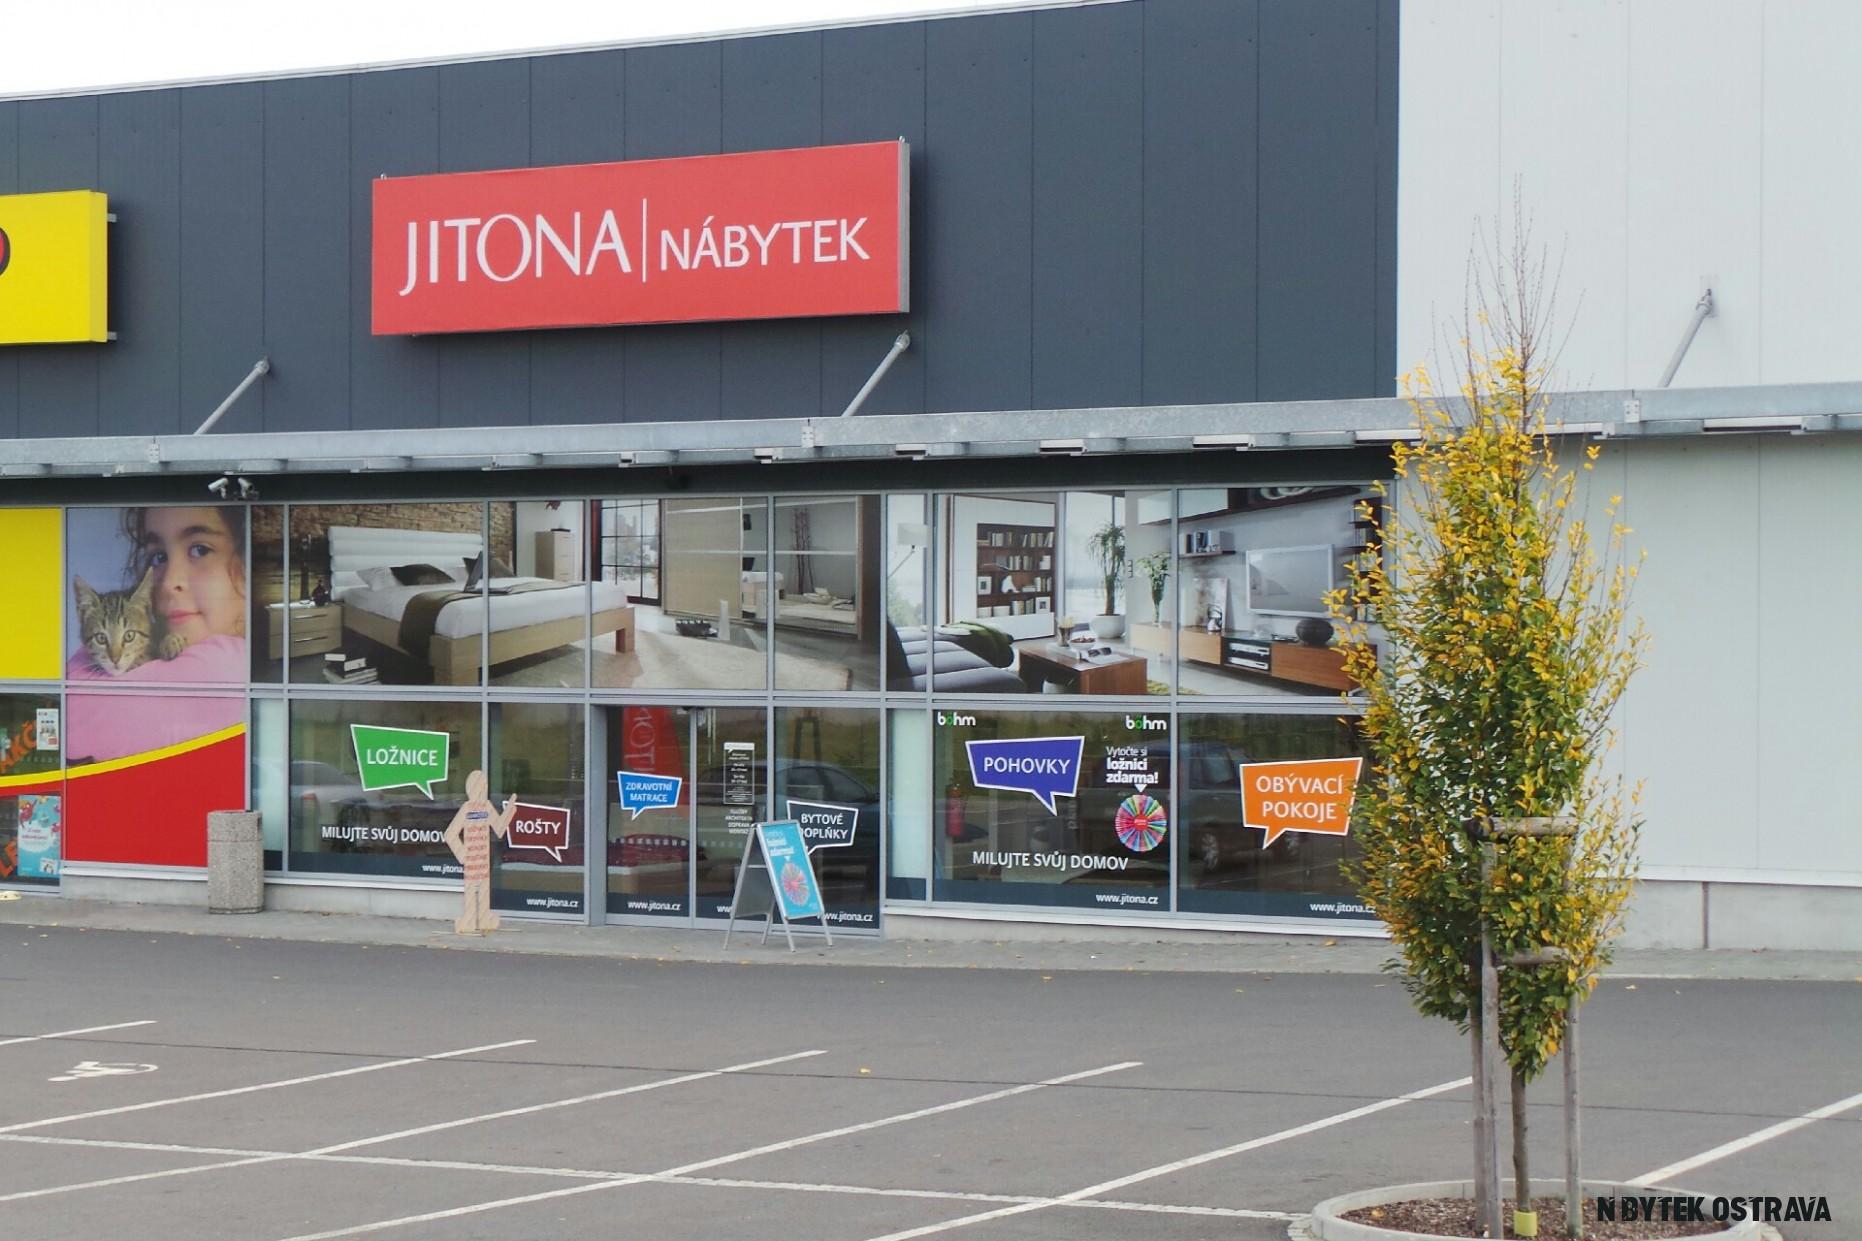 JITONA nábytek (Ostrava, Třebovice), IČO 12, telefon, adresa